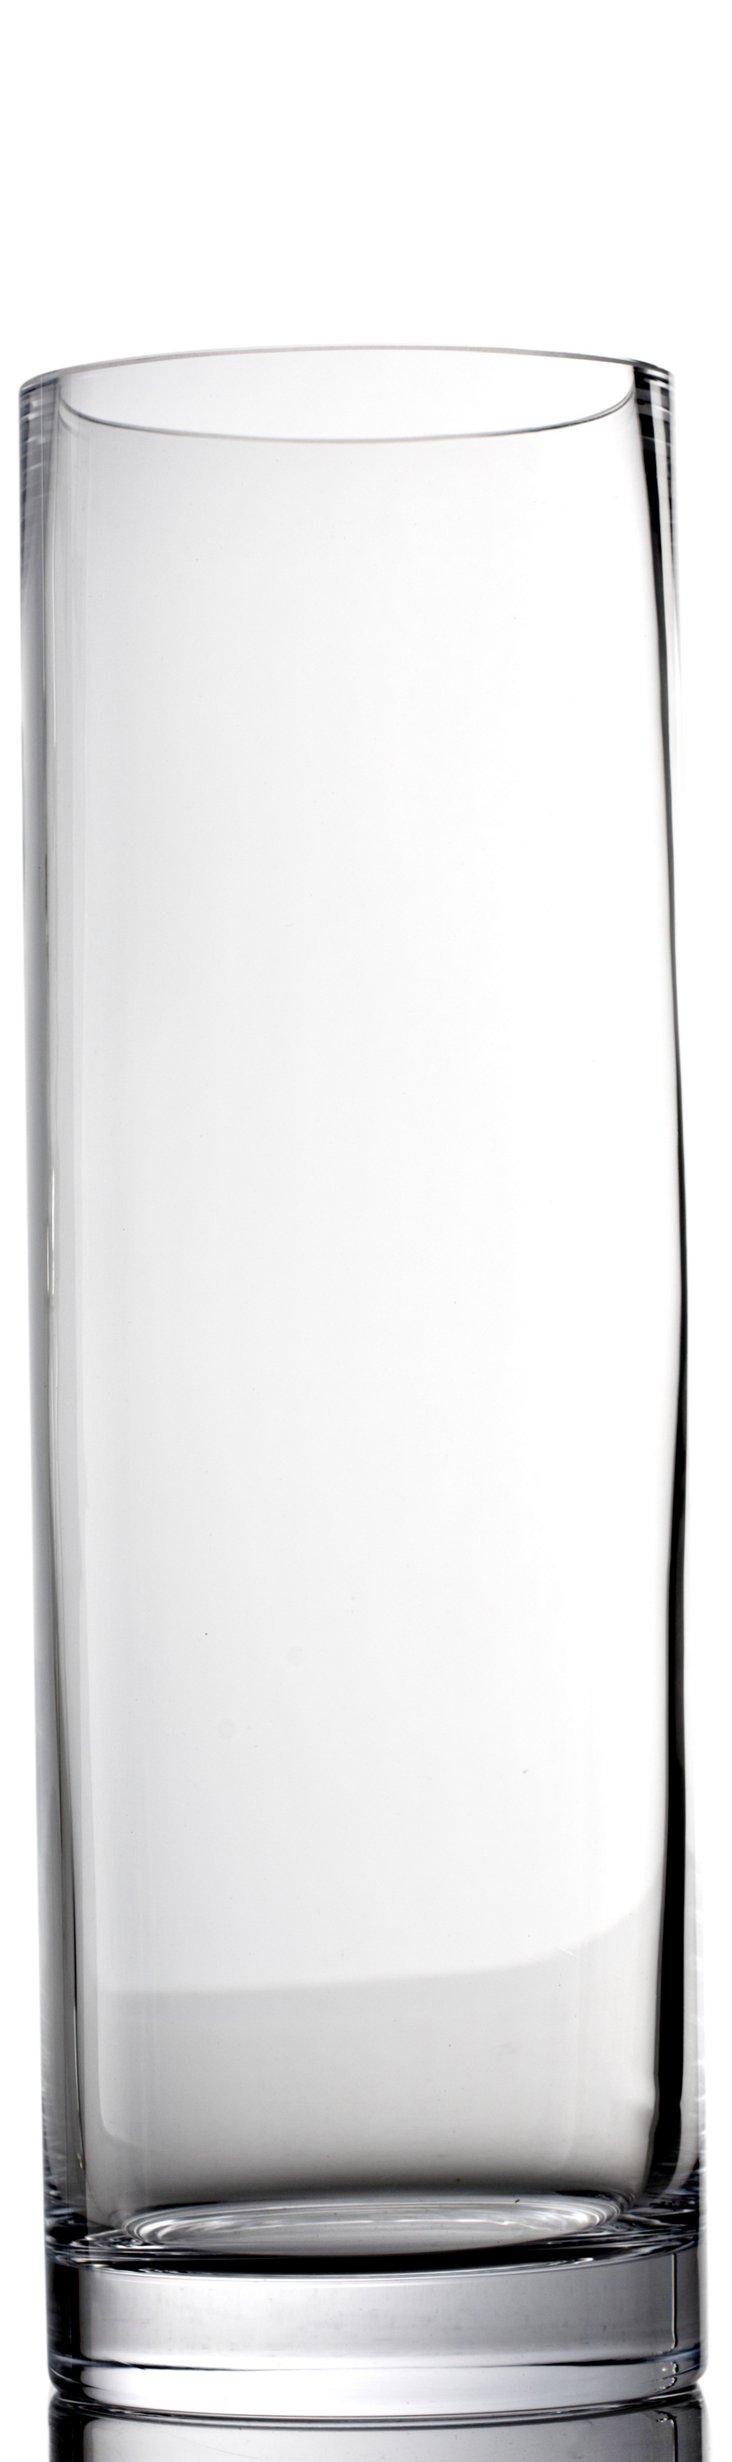 Manhattan Cylinder Vase